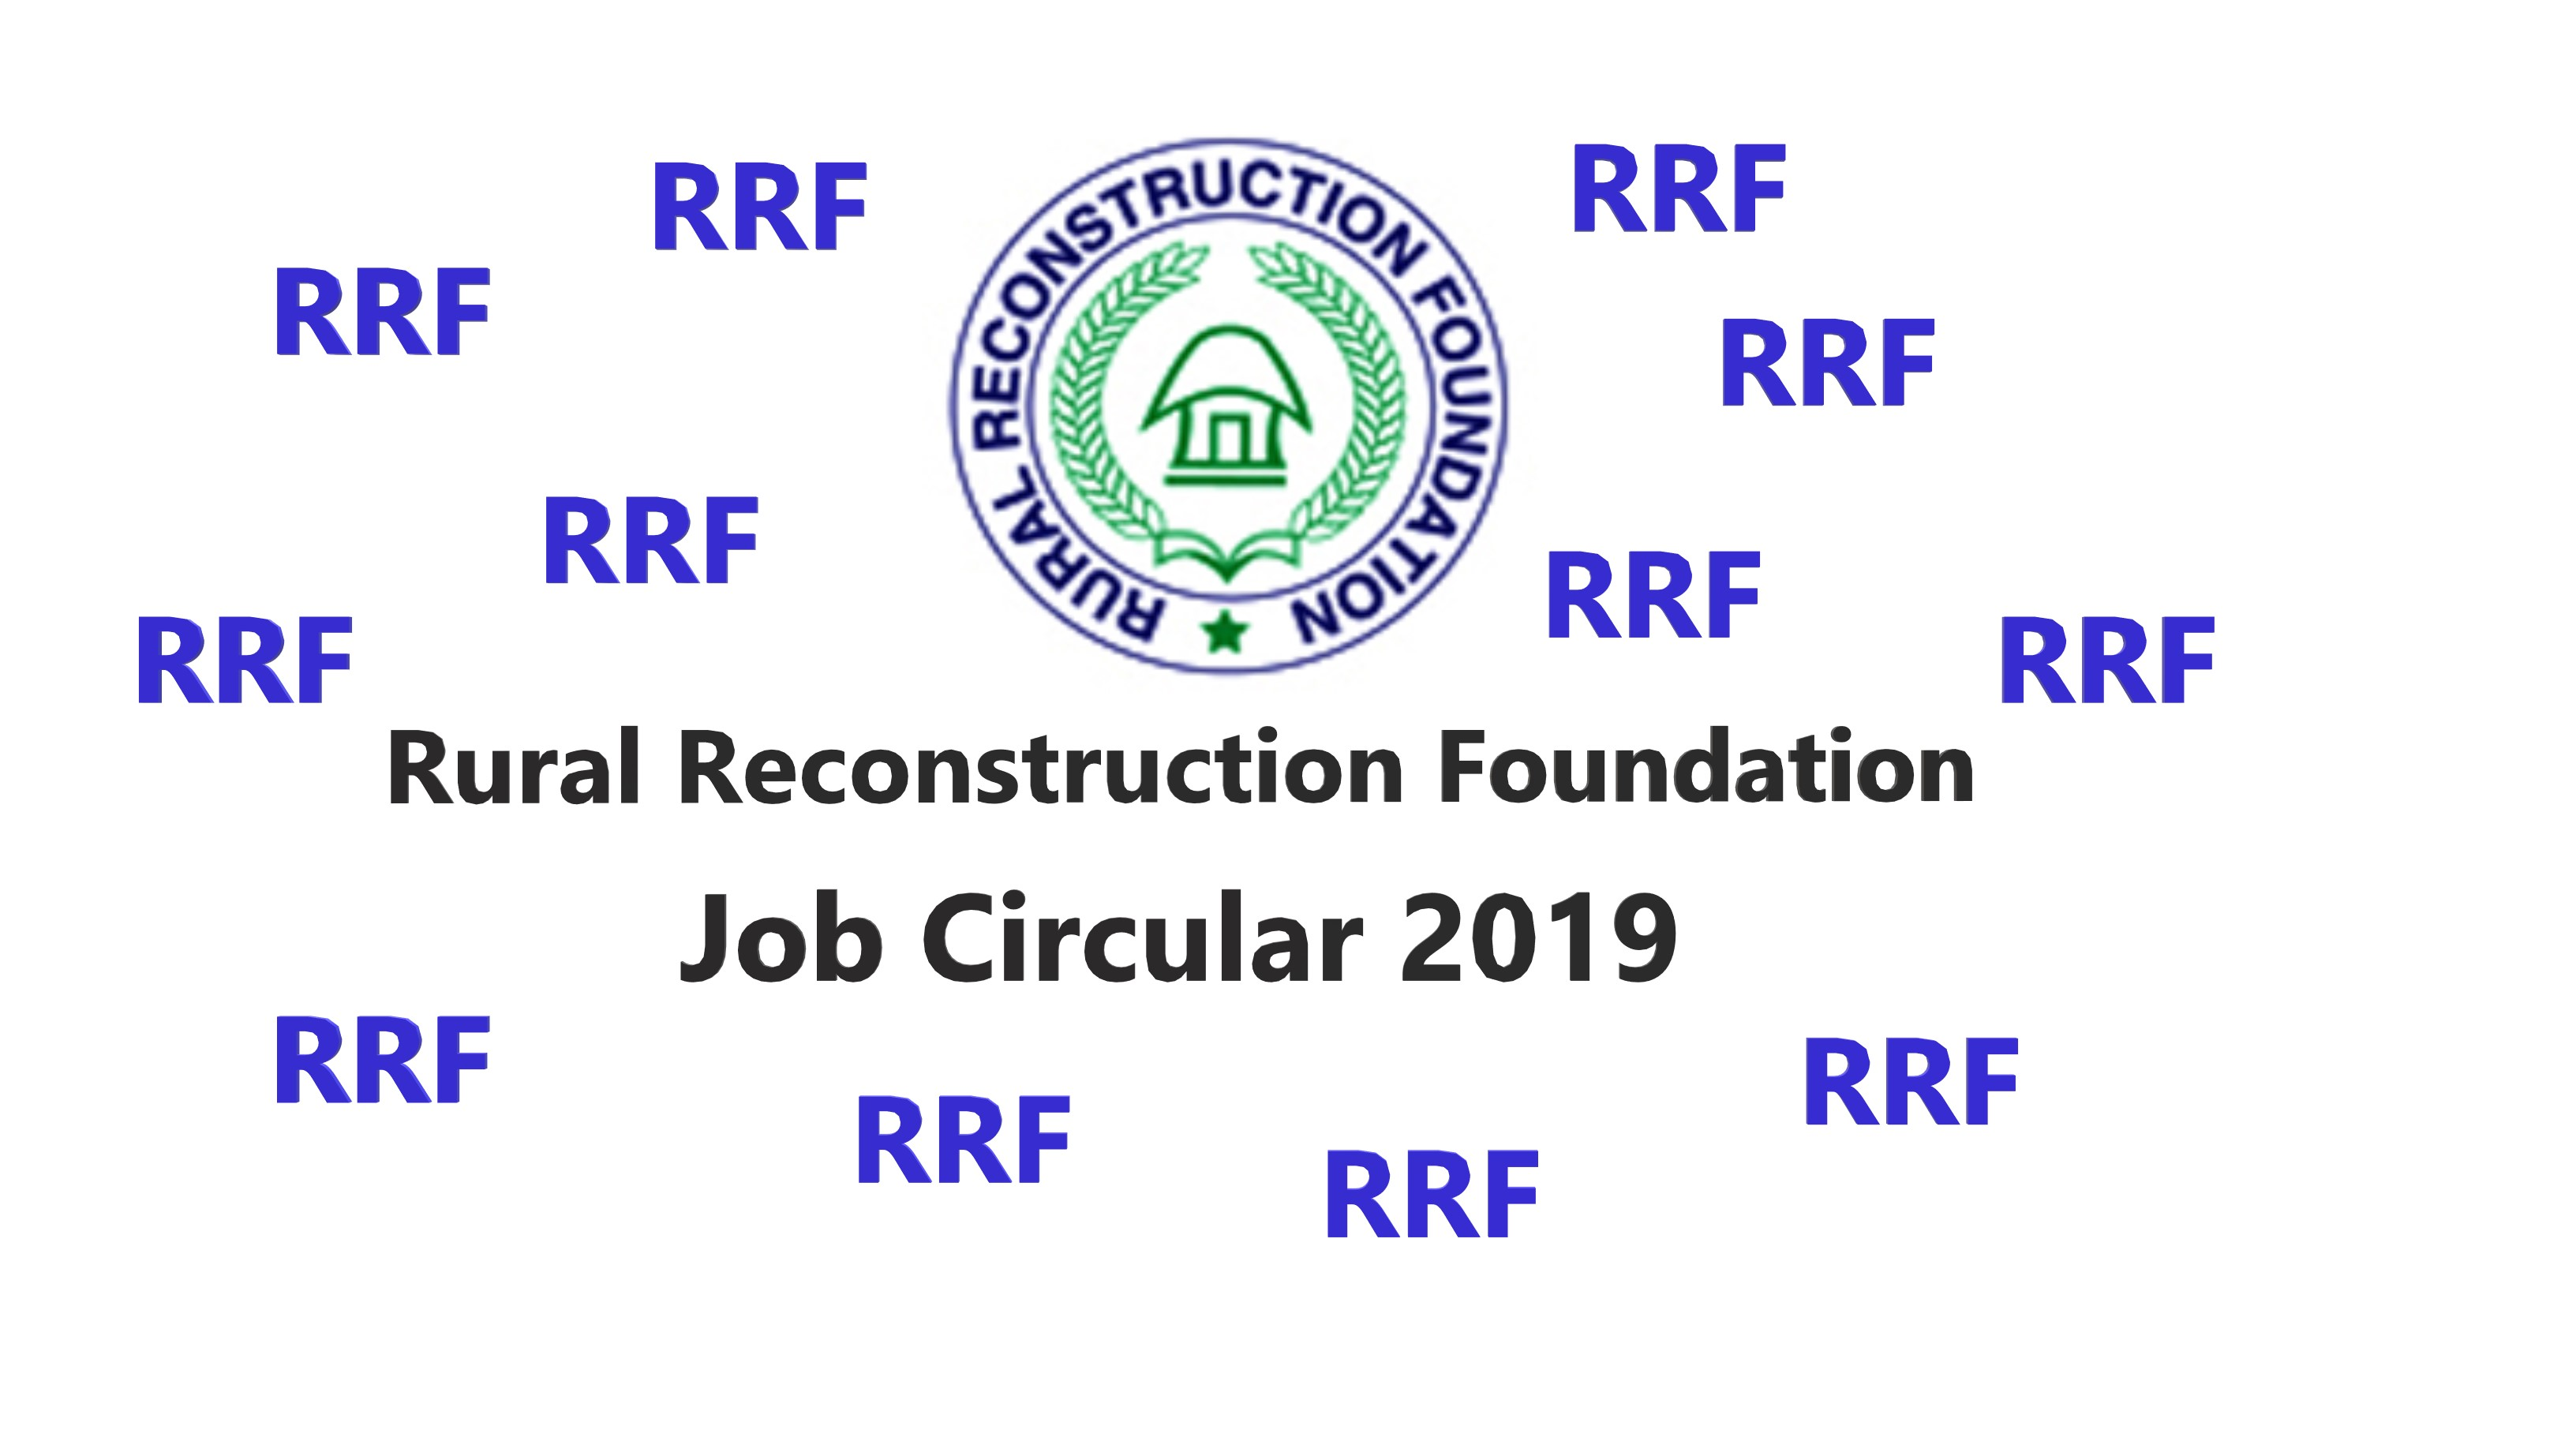 RRF Job Circular 2019